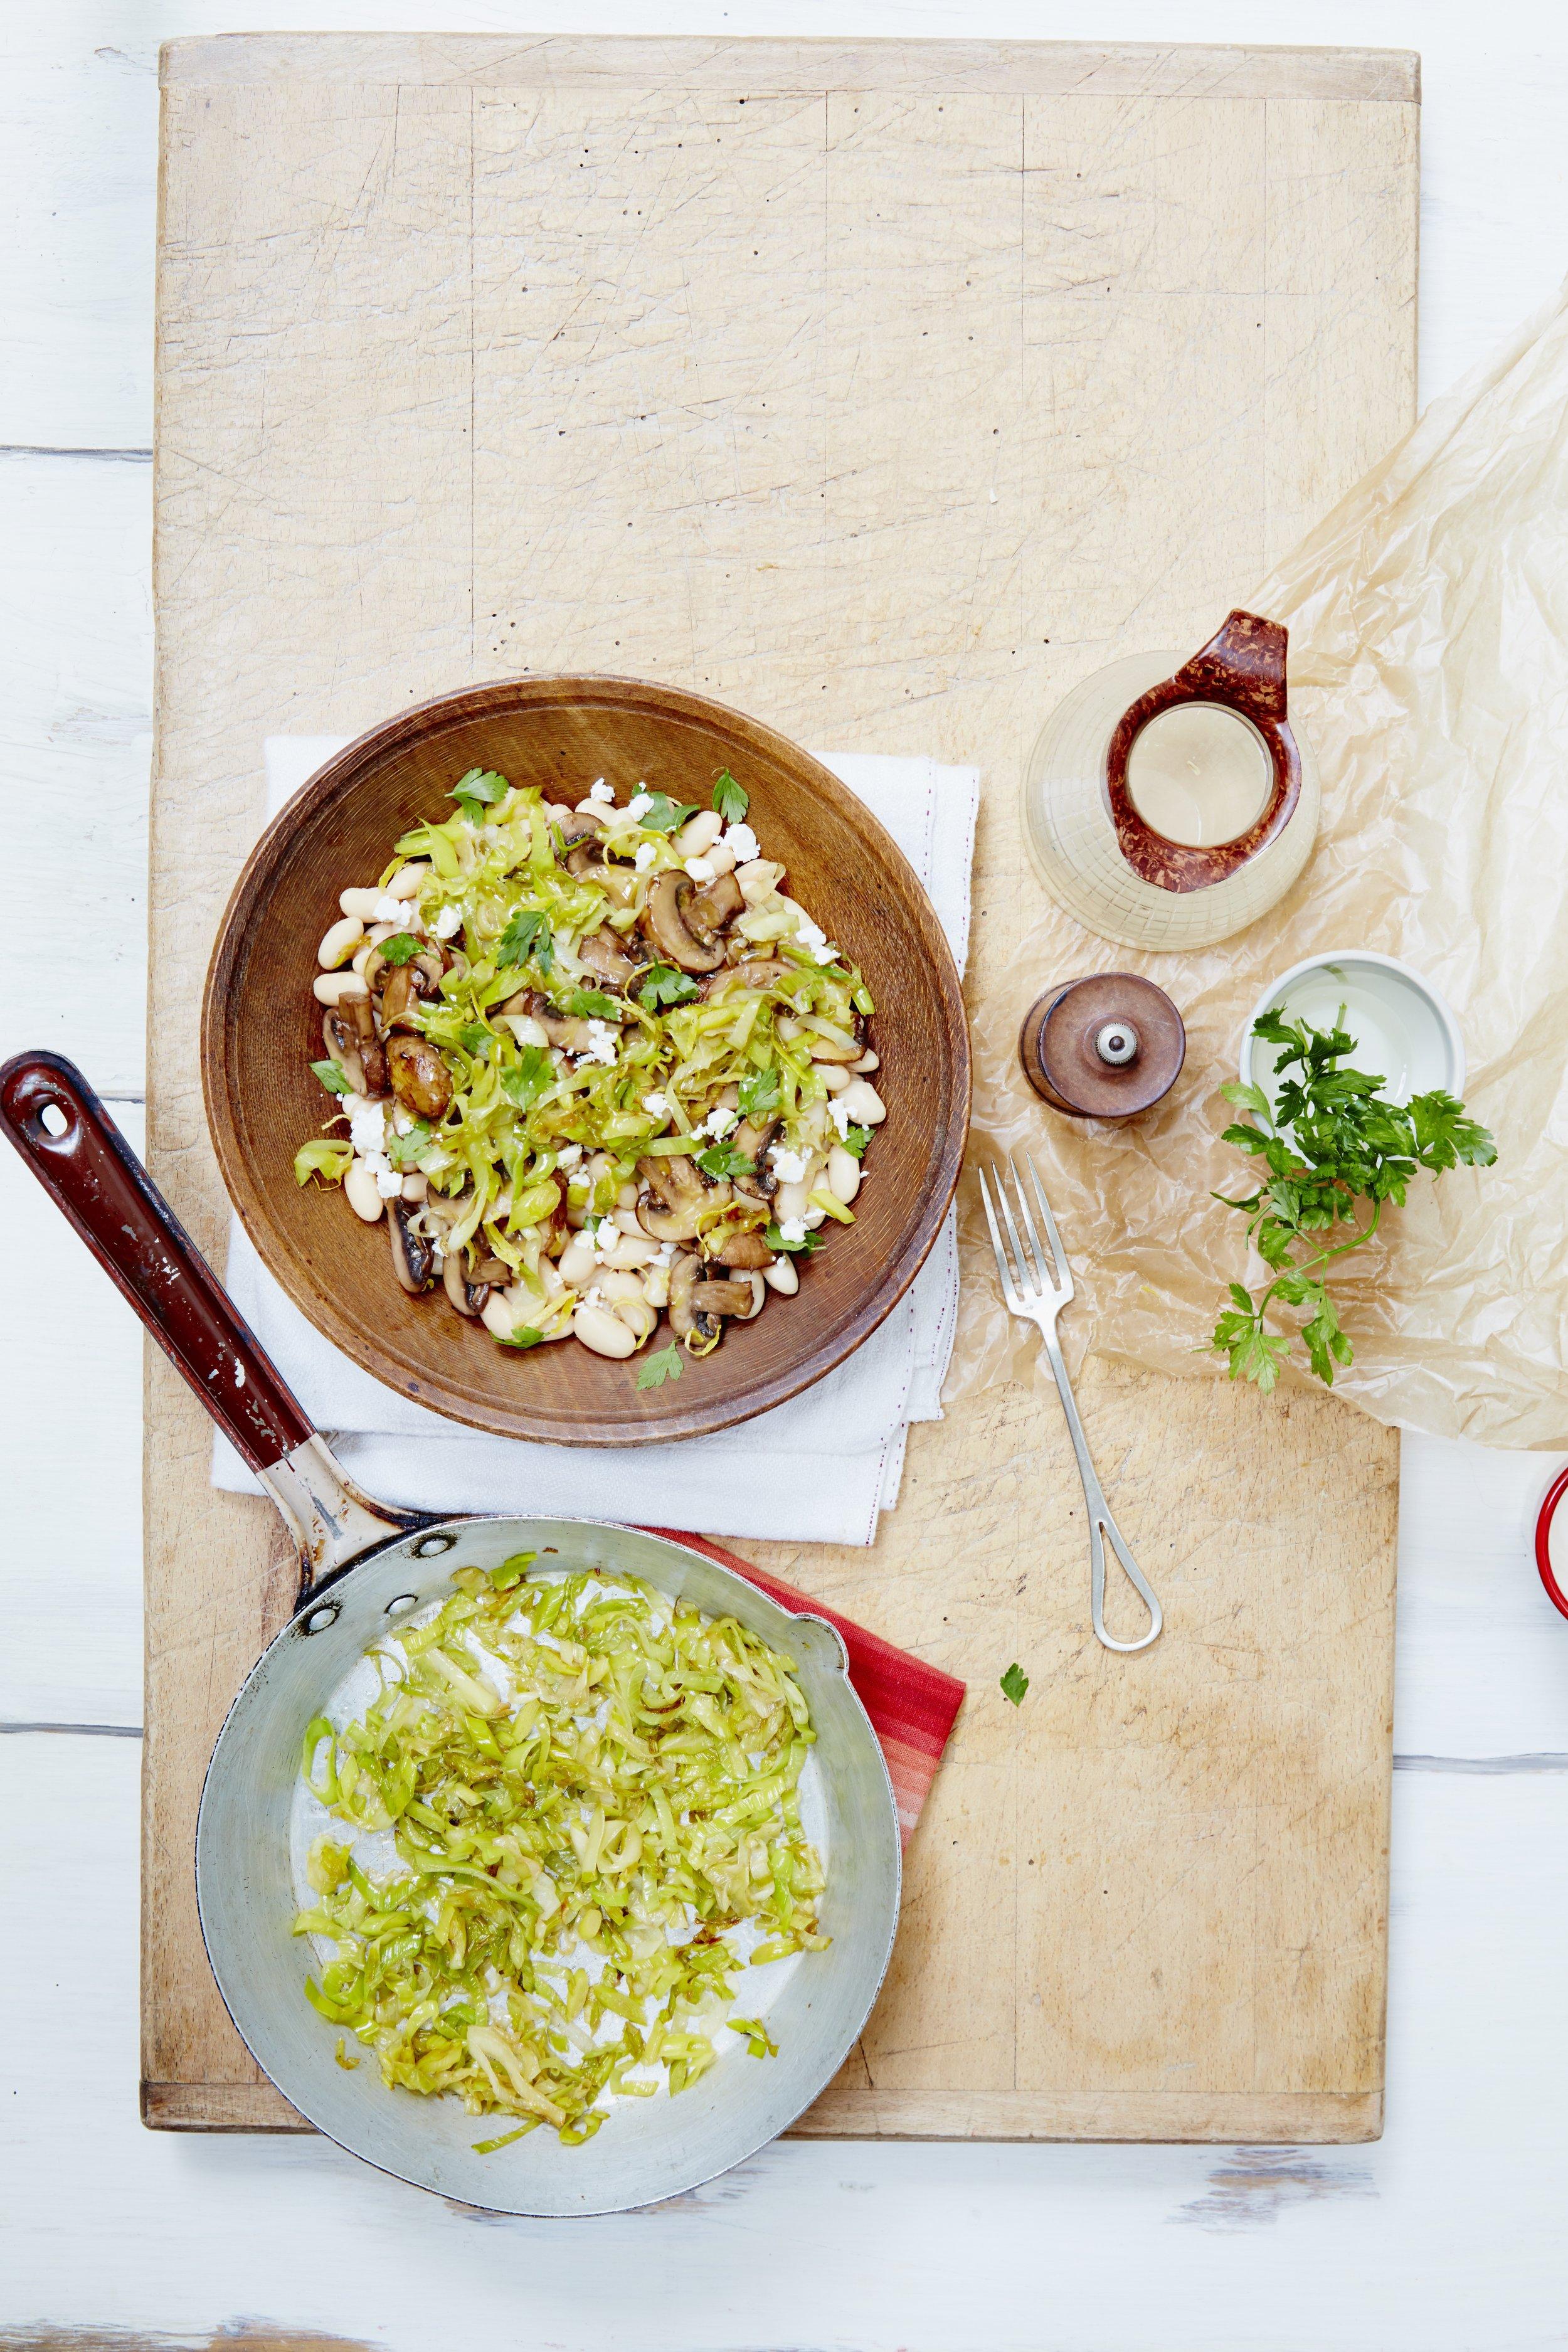 Sautéed mushroom, leeks and beans